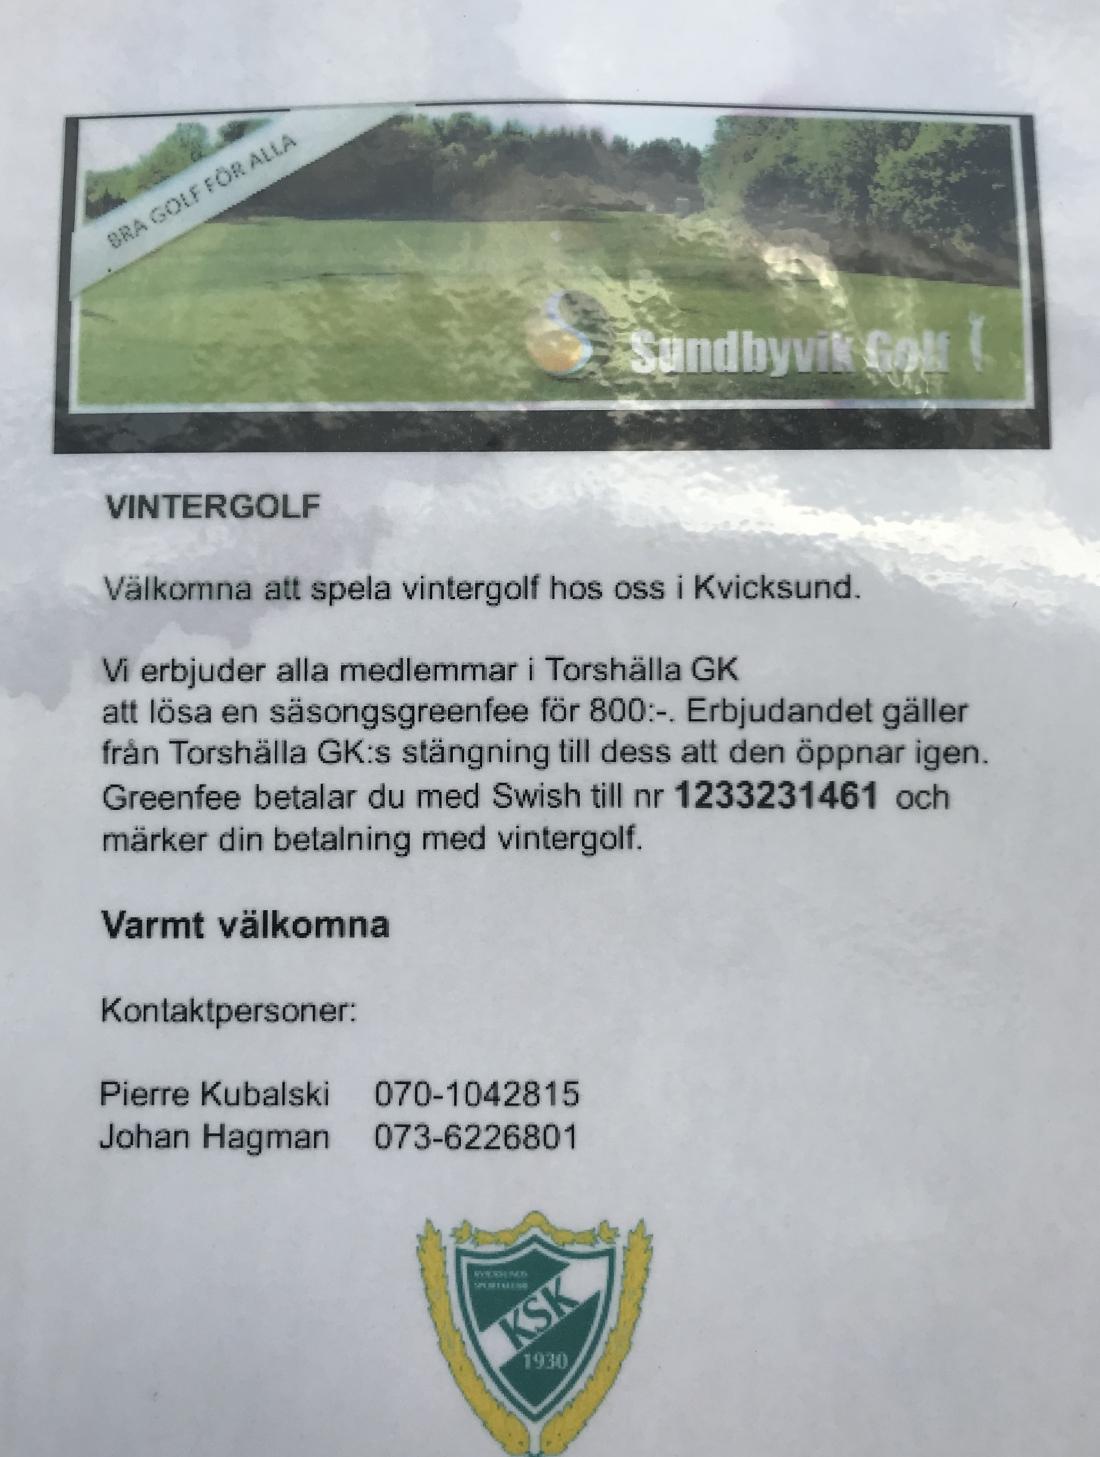 Vintergolf Sundbyvik